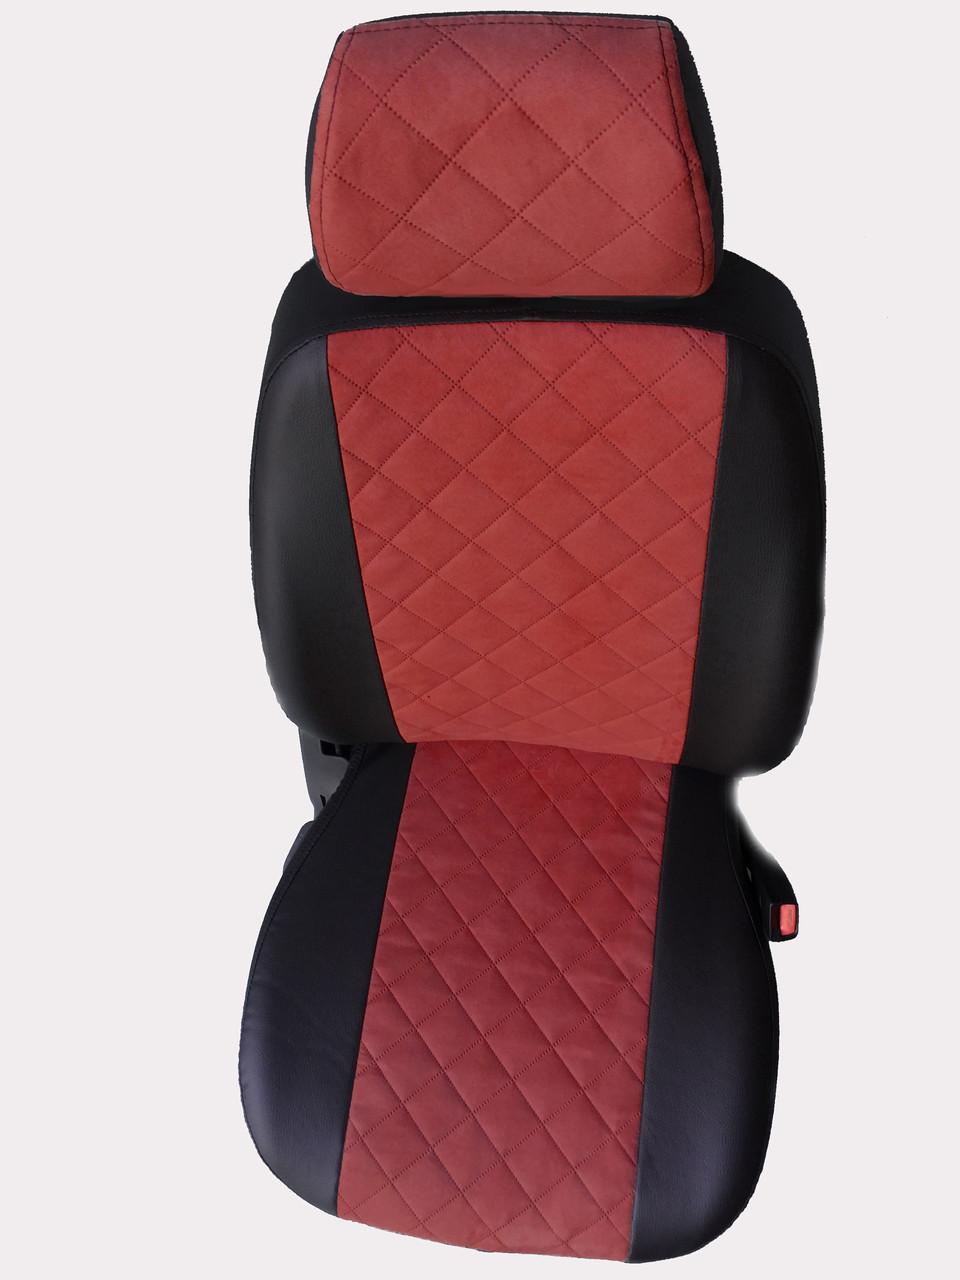 Чехлы на сиденья БМВ Е39 (BMW E39) (универсальные, экокожа+Алькантара, с отдельным подголовником)